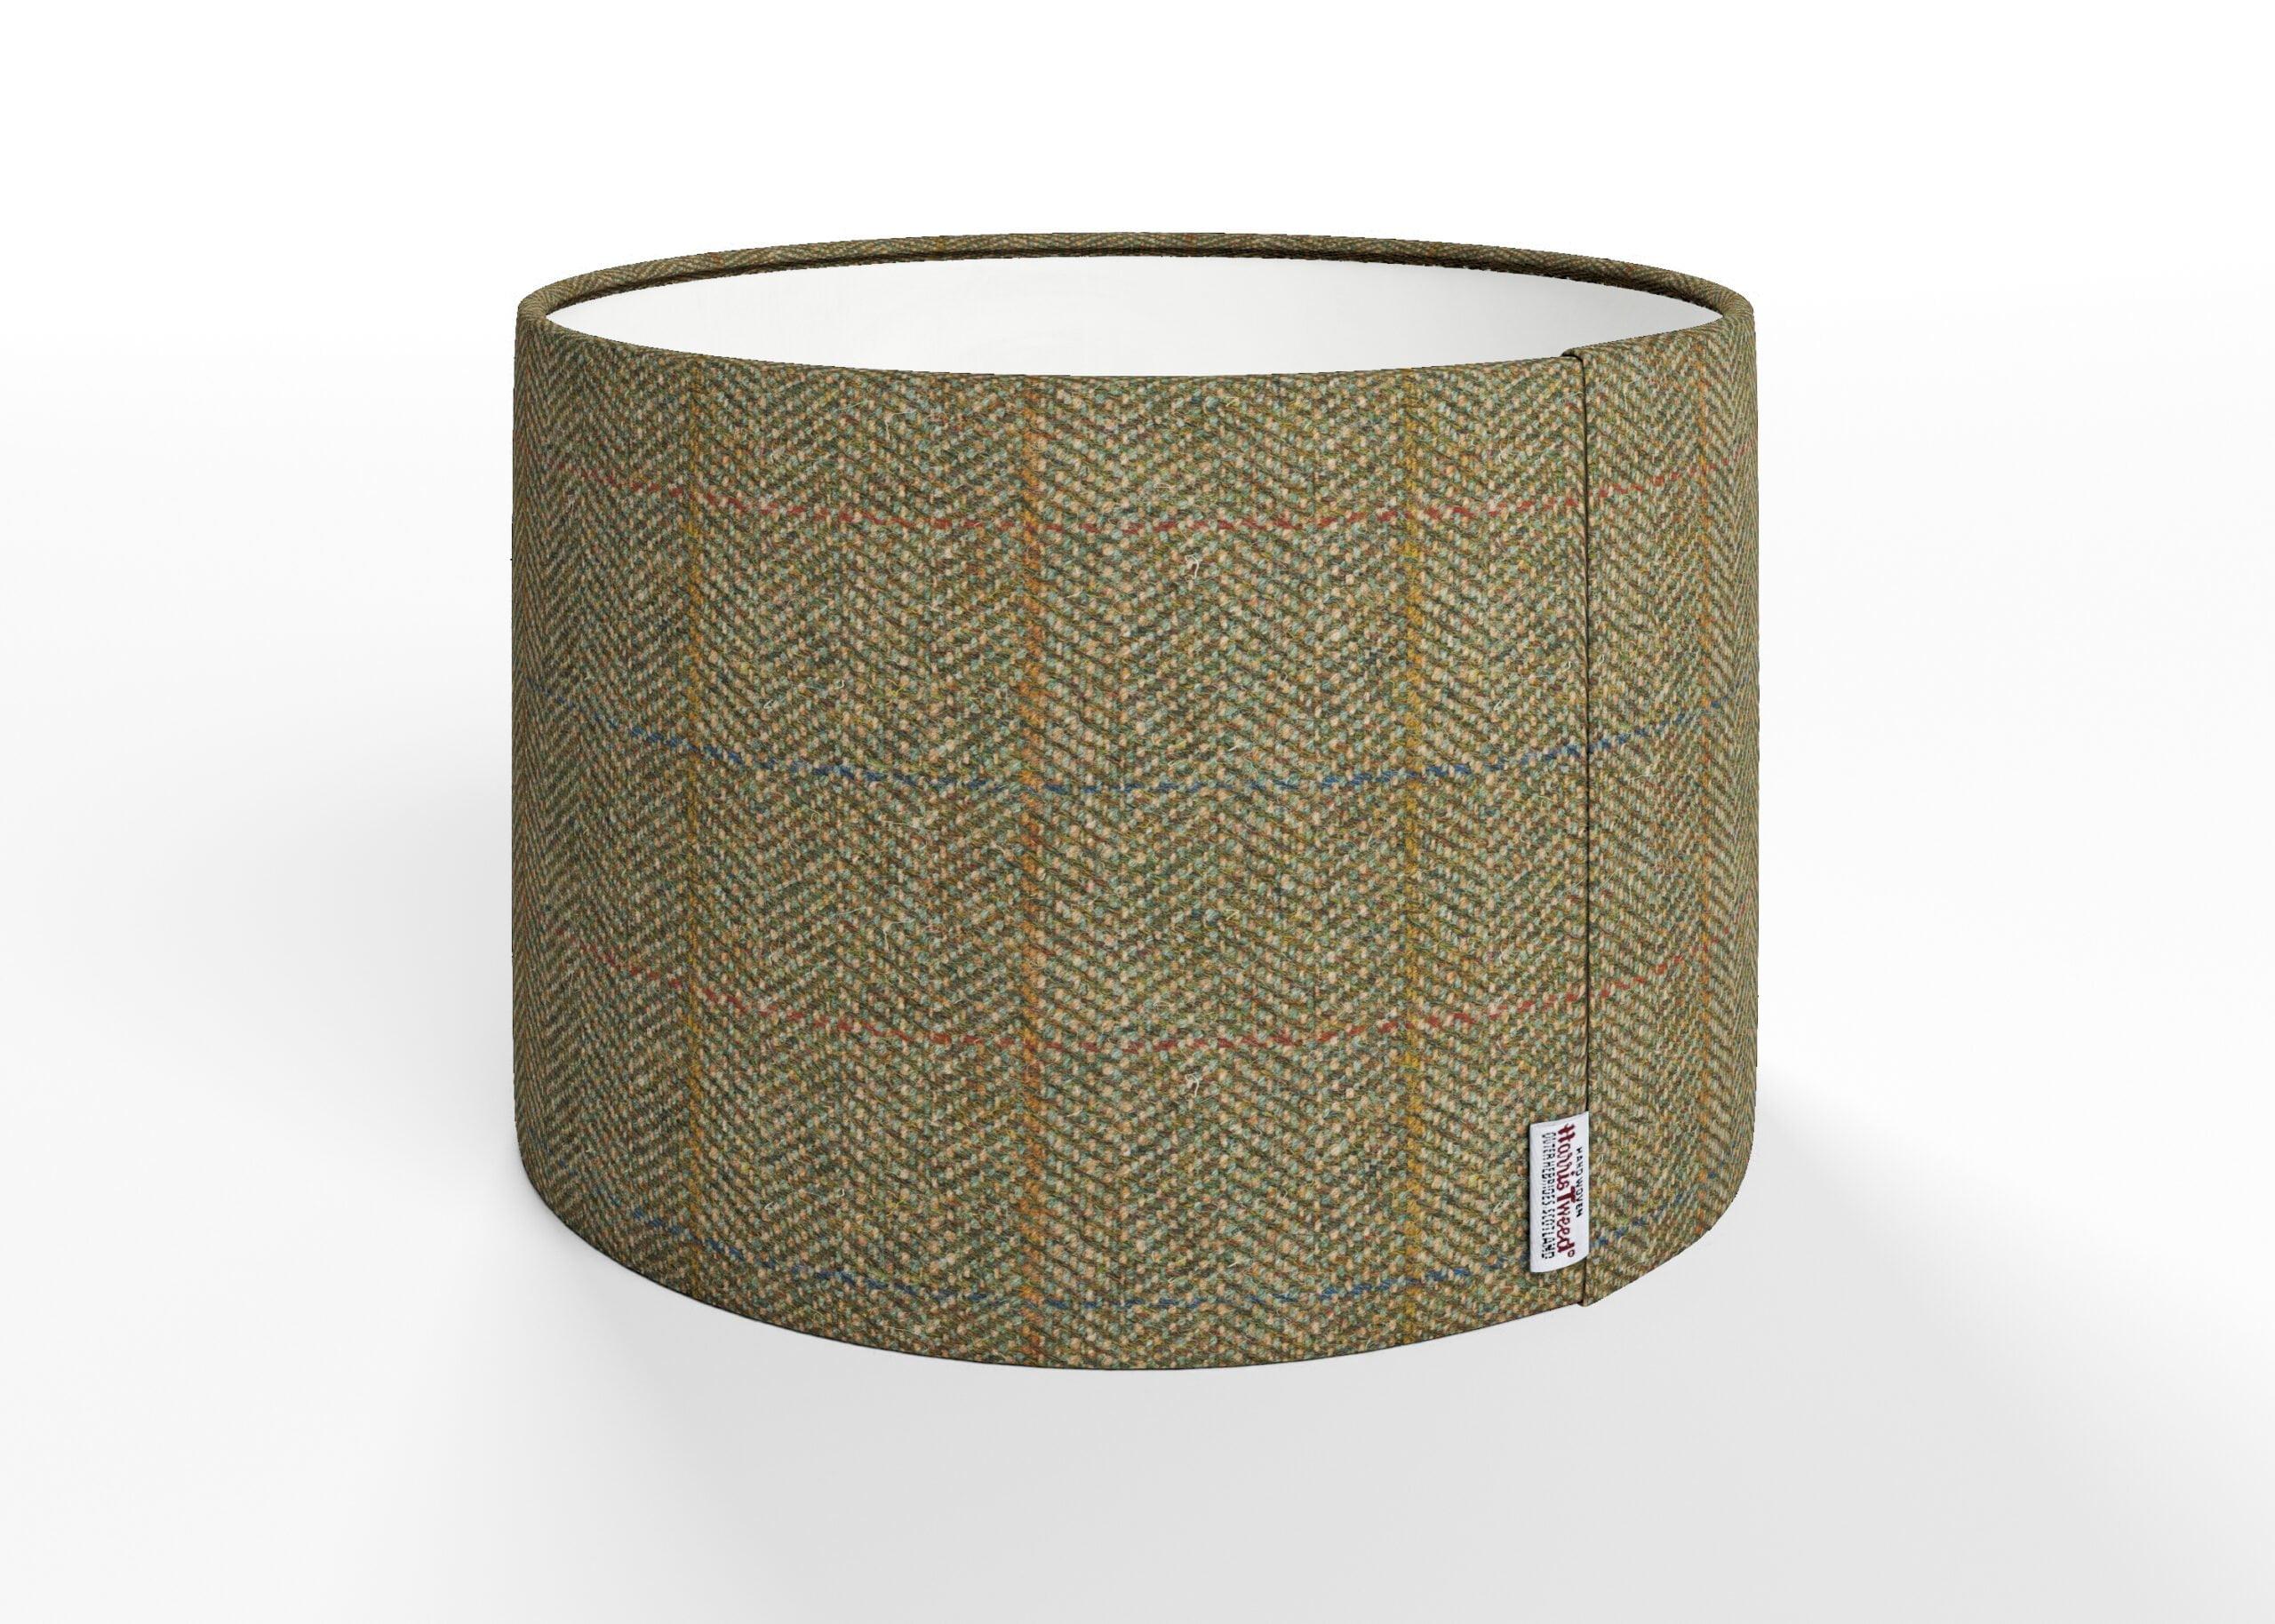 harris tweed lampshade